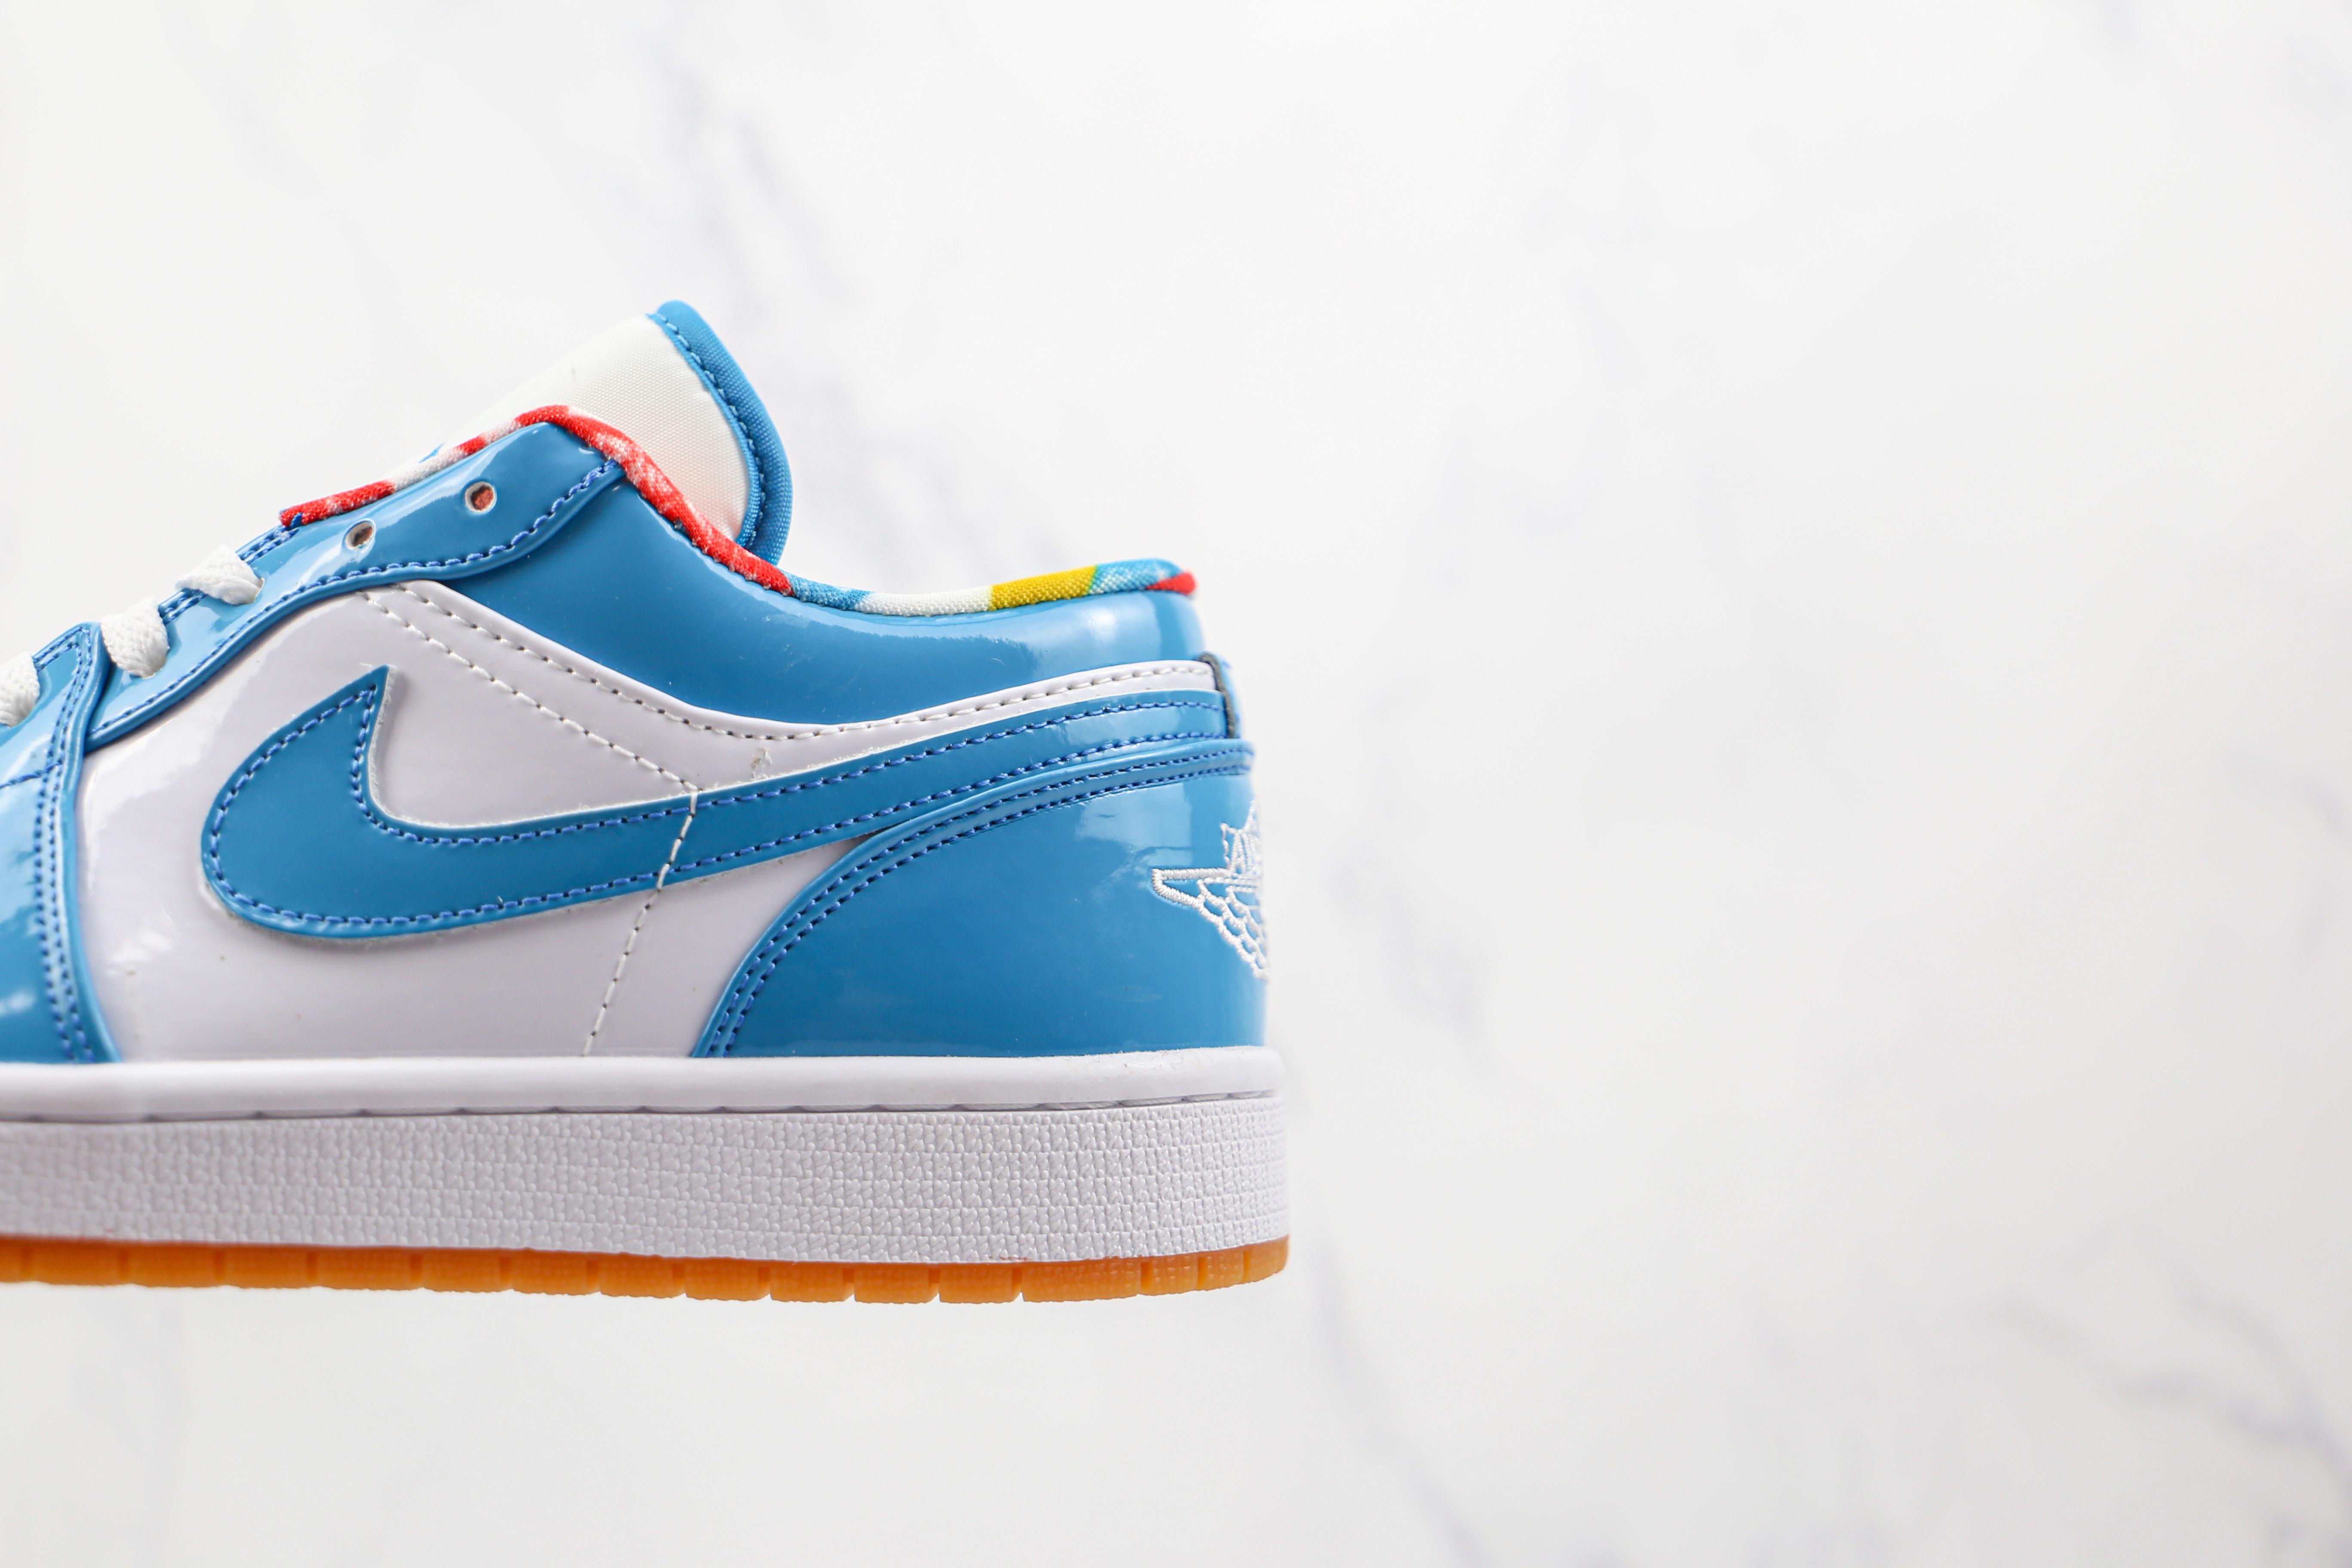 乔丹 AJ1 低帮 蓝色 漆皮 货号:DC6991-400 Air Jordan 1 Low  AJ1乔丹一代低帮经典复古文化休闲运动篮球鞋   Q17